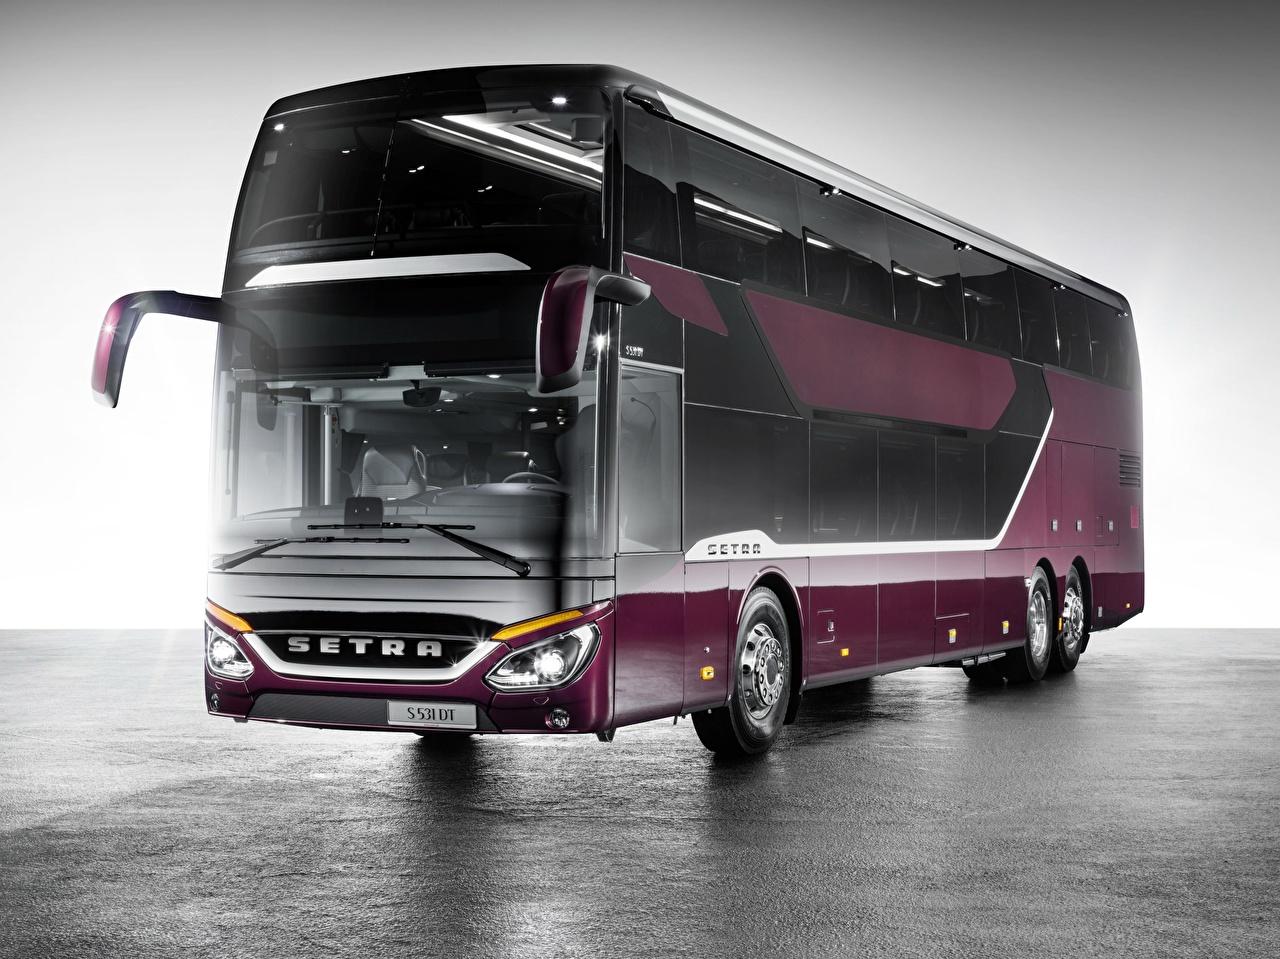 Pictures Bus Setra Cars auto automobile